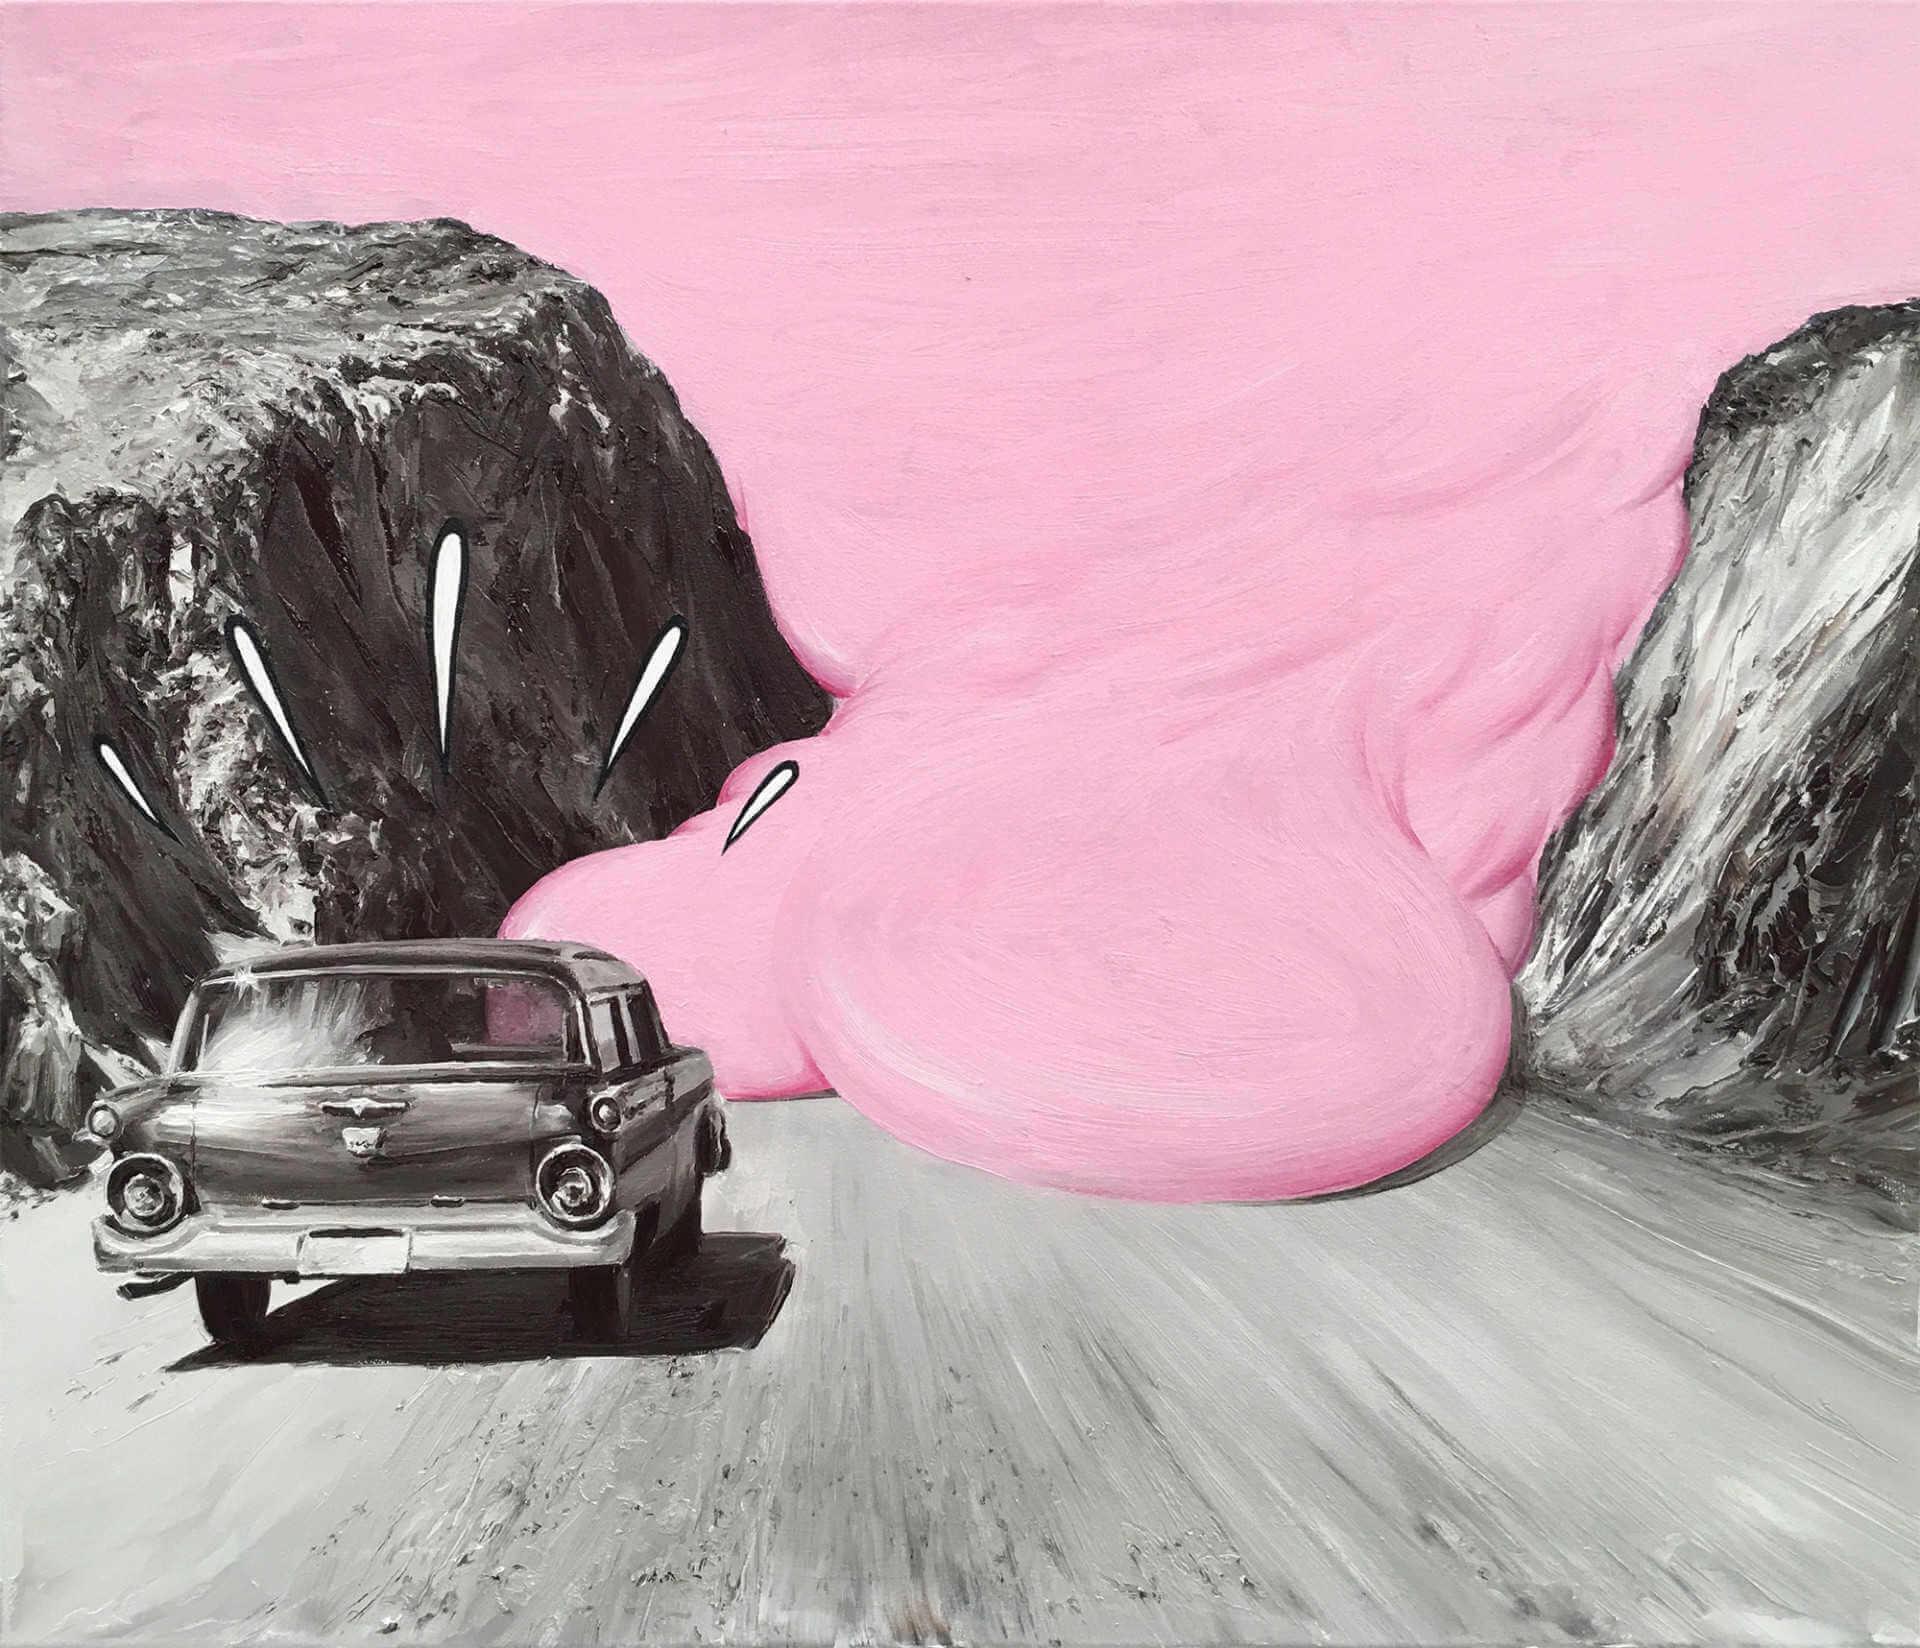 Pintura al oleo de paco pomet de un coche hacia la nieve